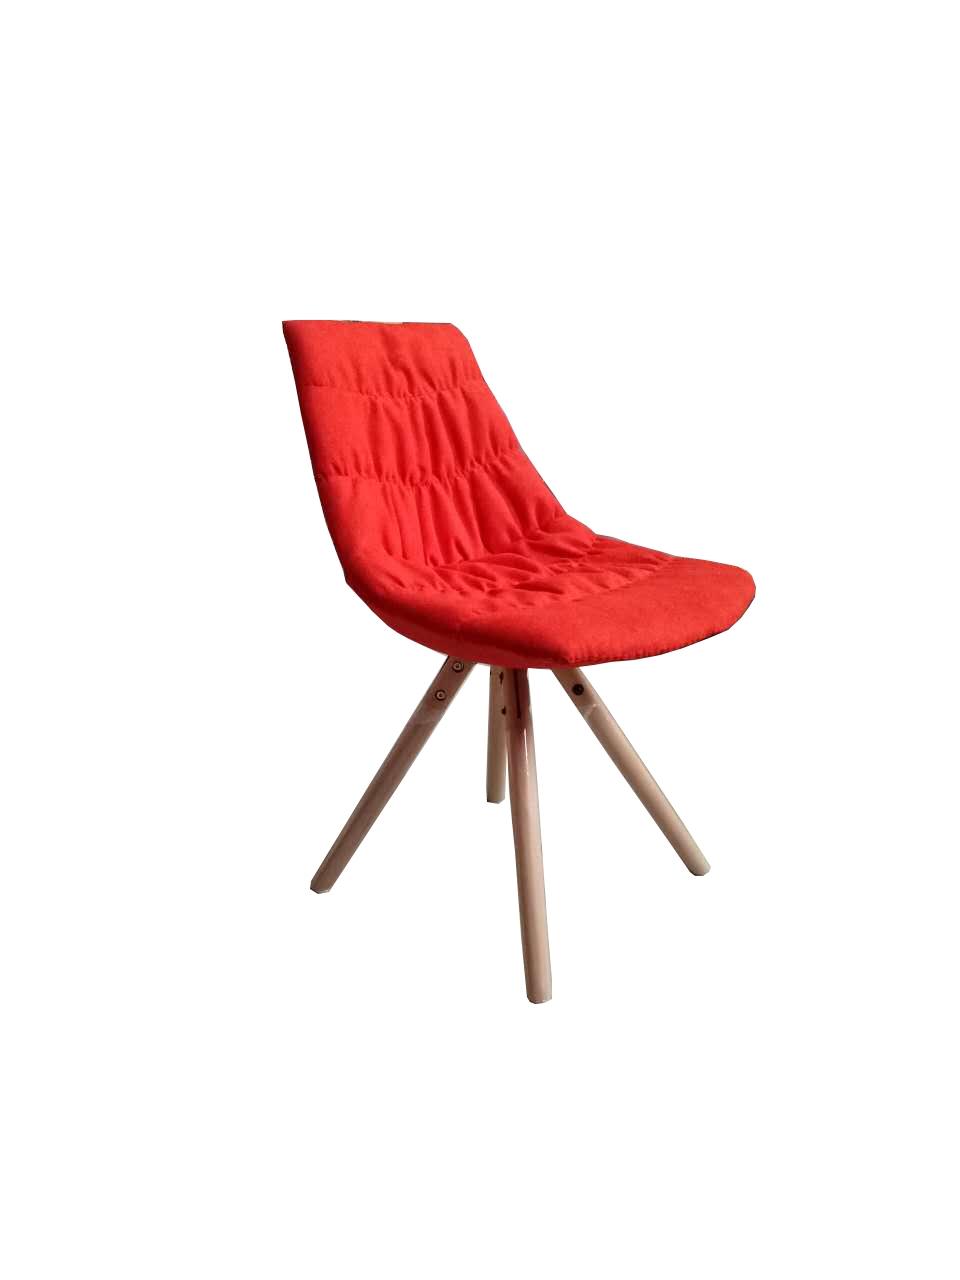 Scaun tapitat cu stofa, cu picioare de lemn Joy Red l47xA54xH80 cm